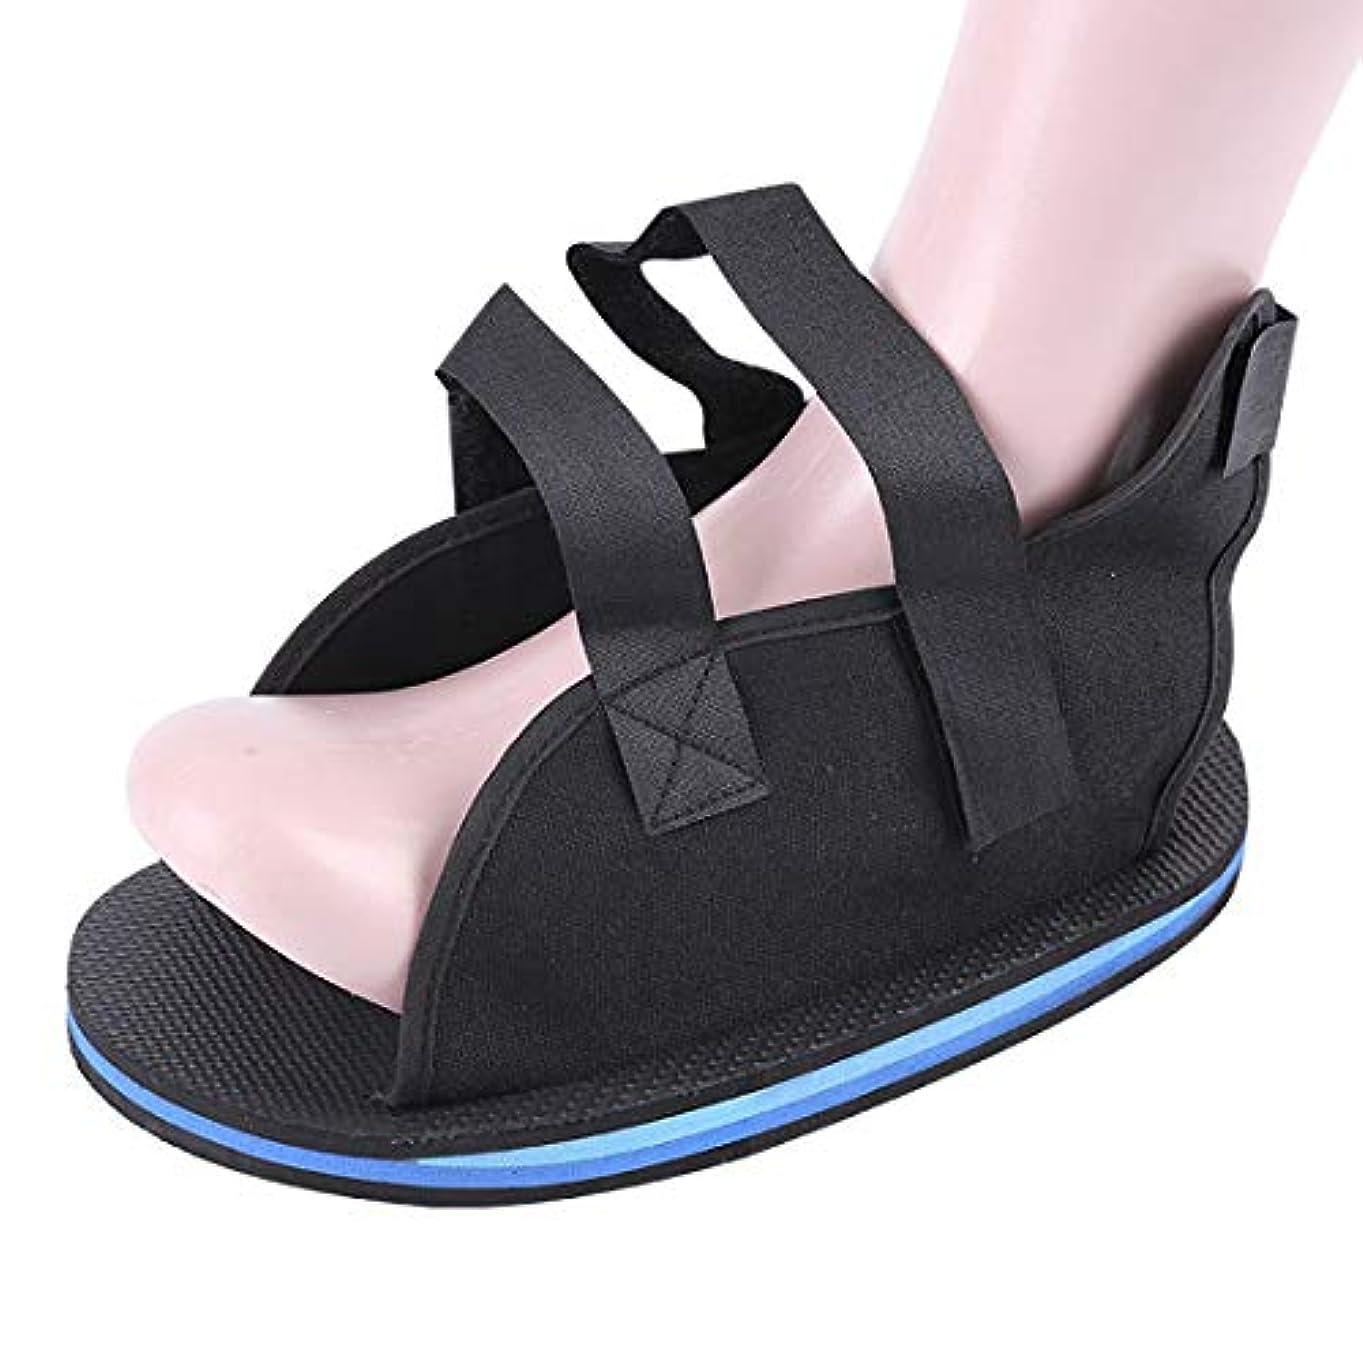 にんじん百ポルトガル語医療足骨折石膏の回復靴の手術後のつま先の靴を安定化骨折の靴を調整可能なファスナーで完全なカバー,XS20cm